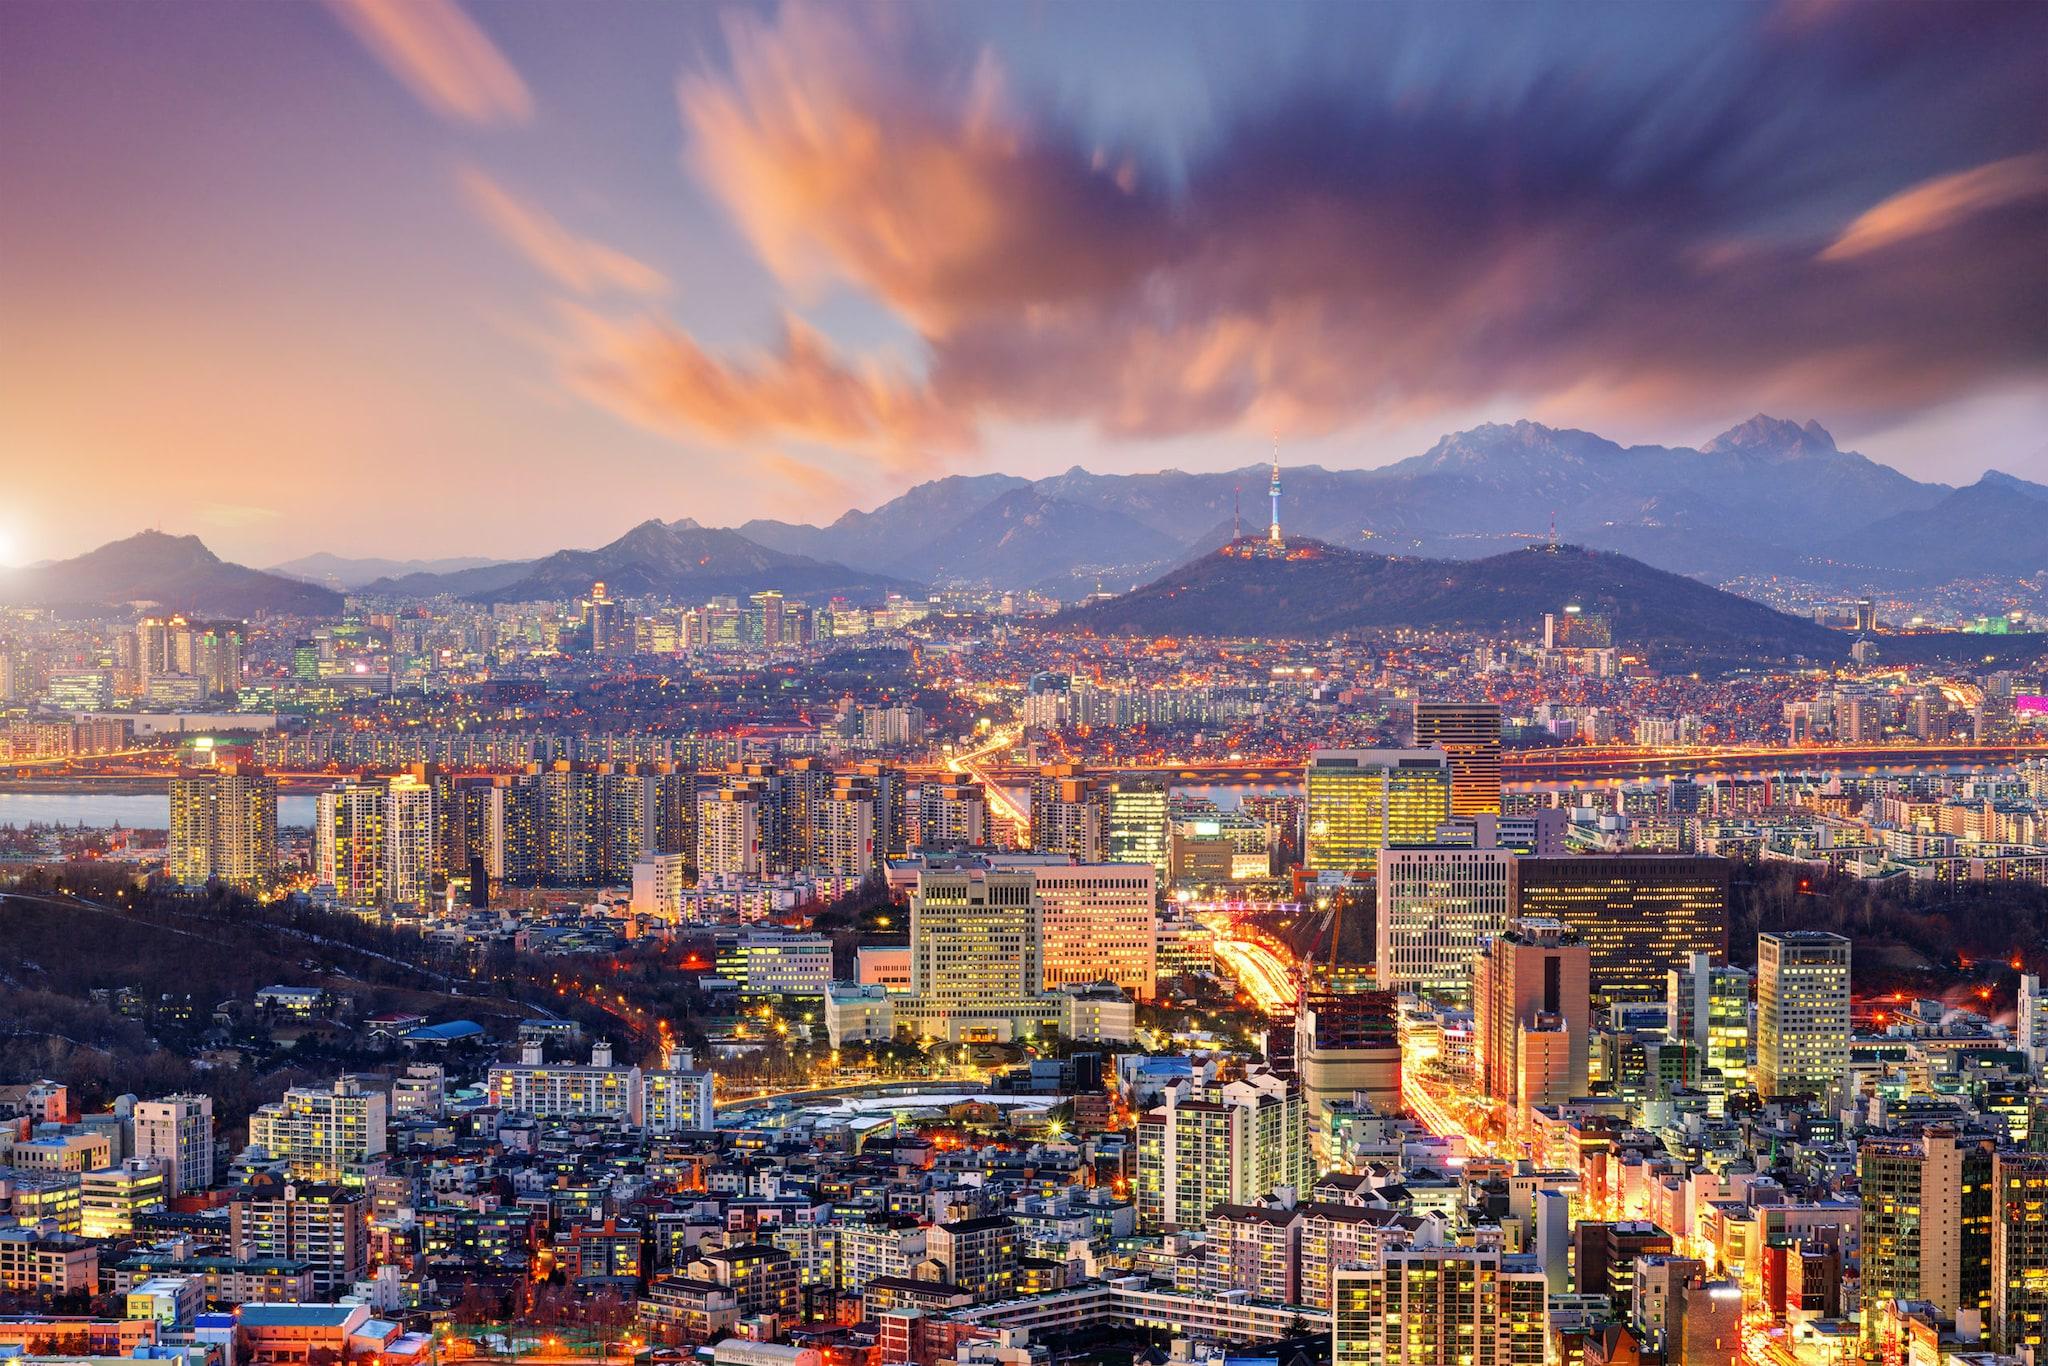 South Korea - Downtown Seoul